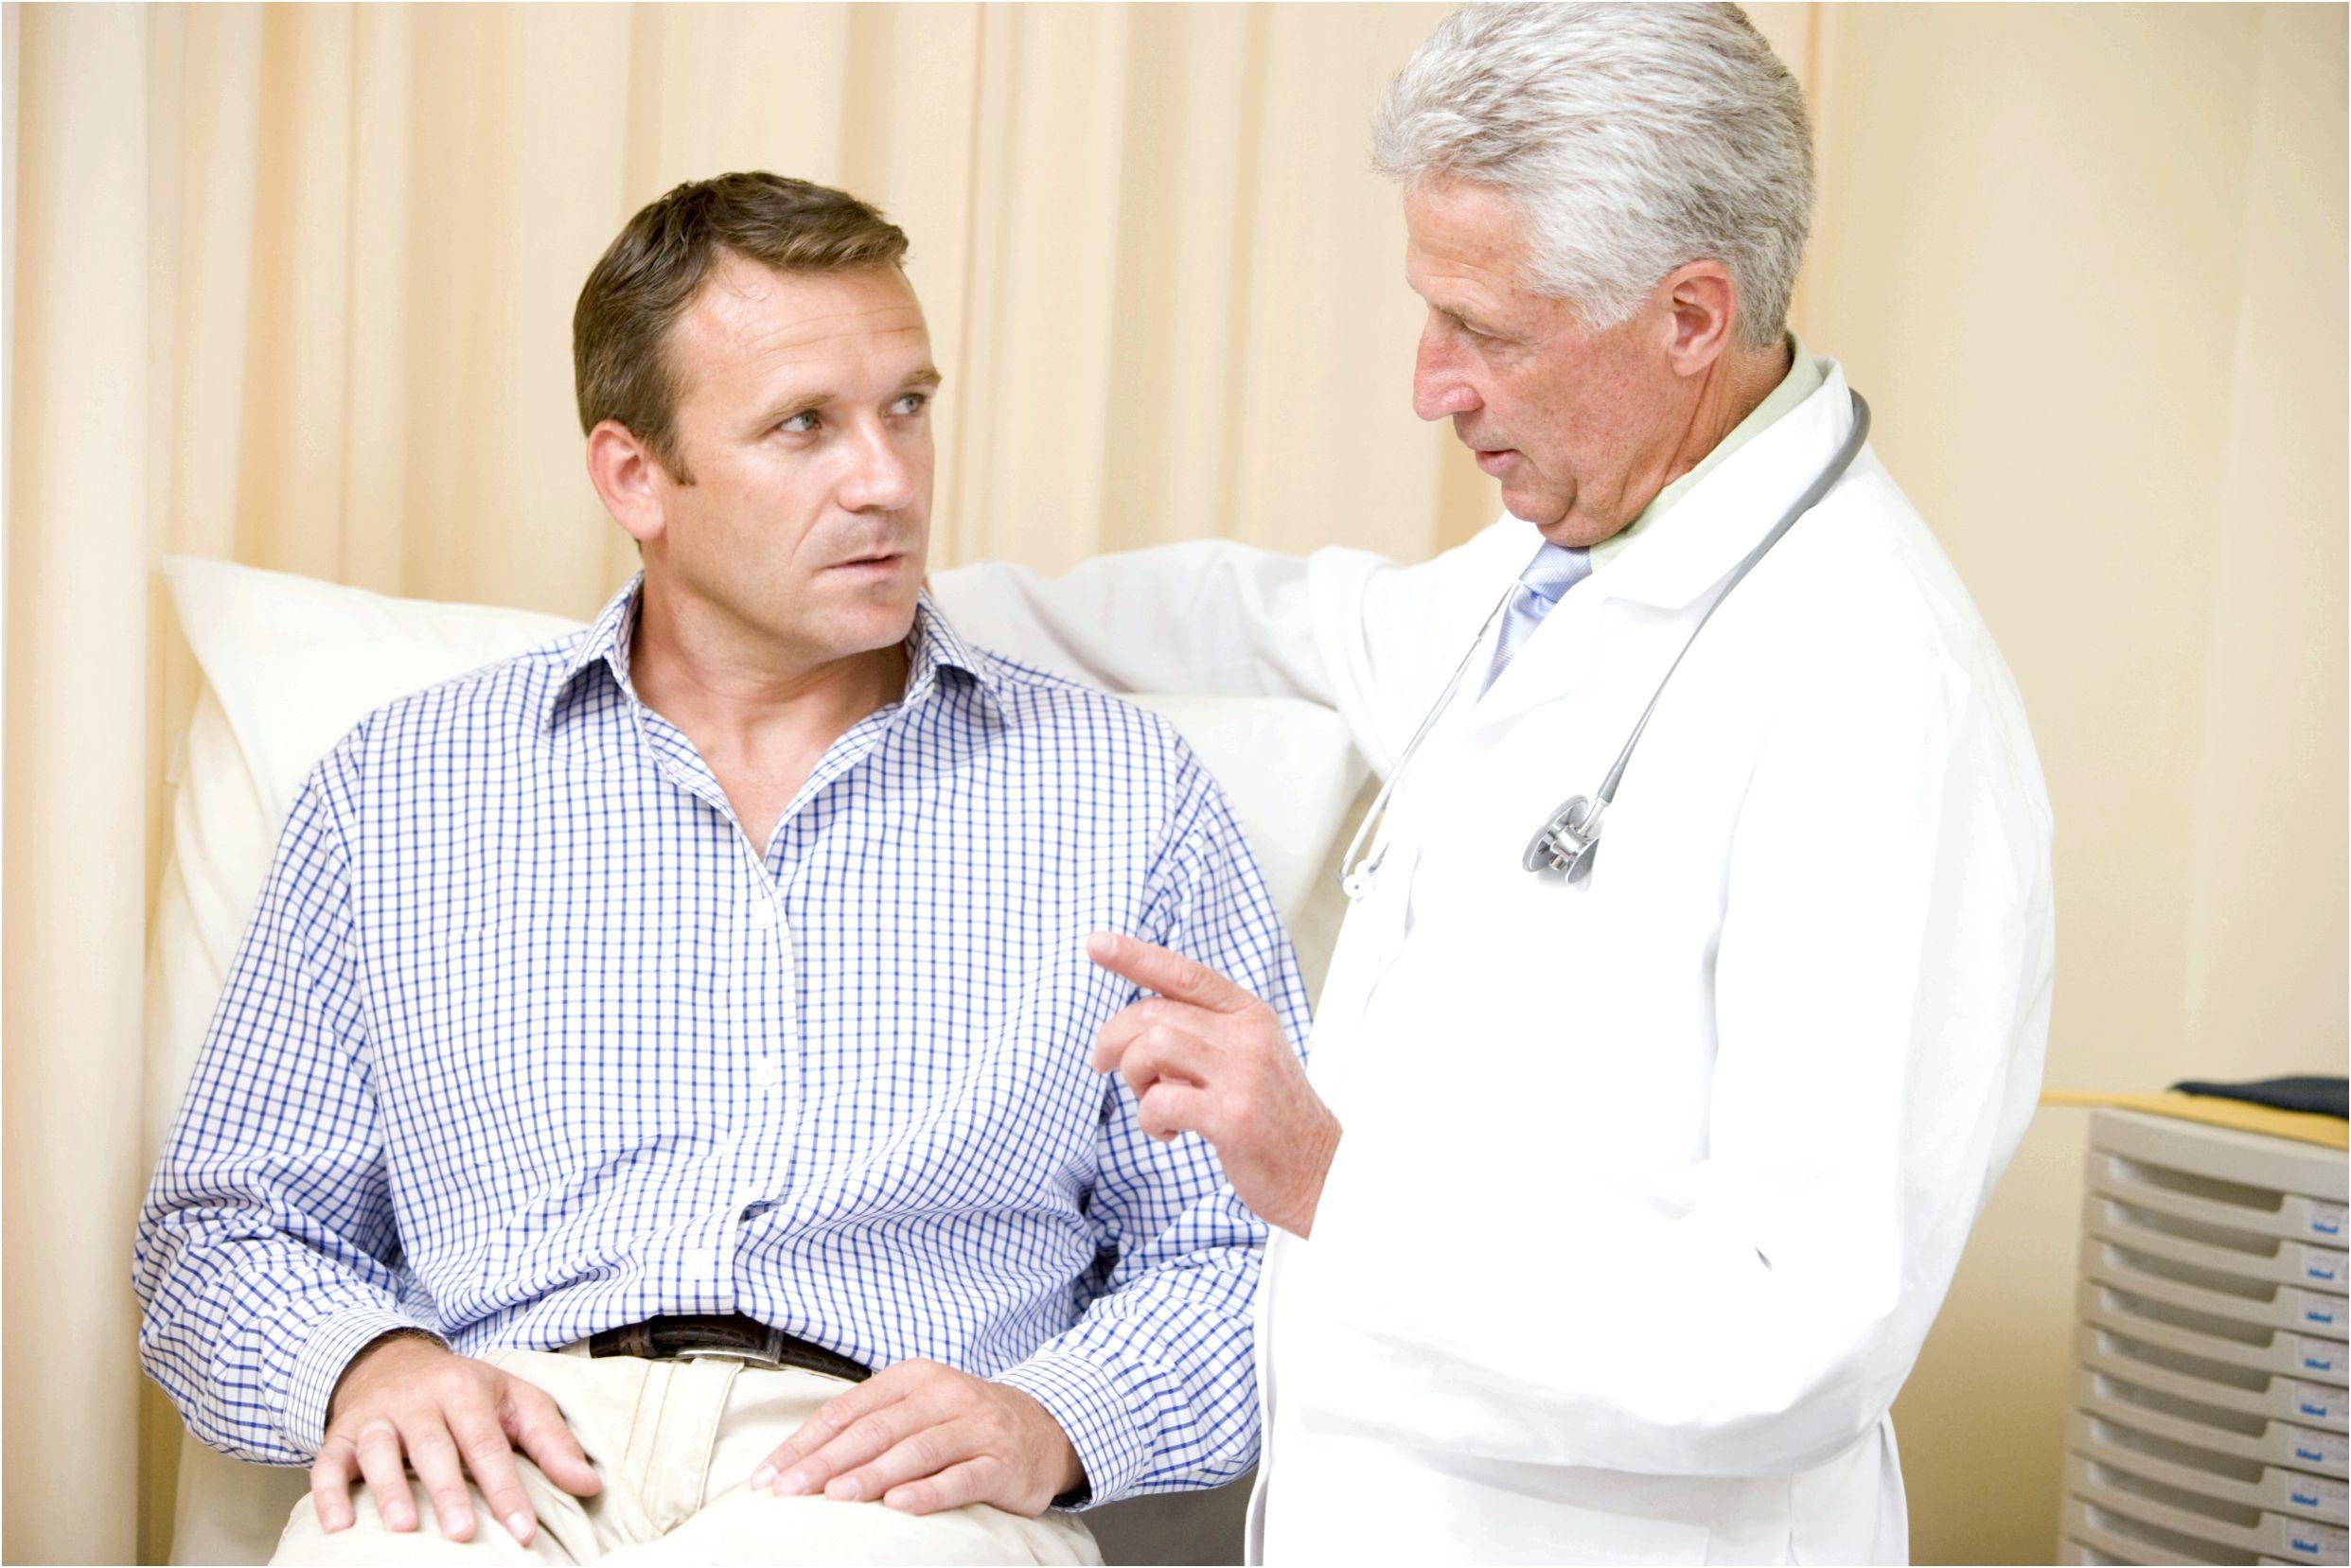 Скрытое фото на приеме у врачей 17 фотография